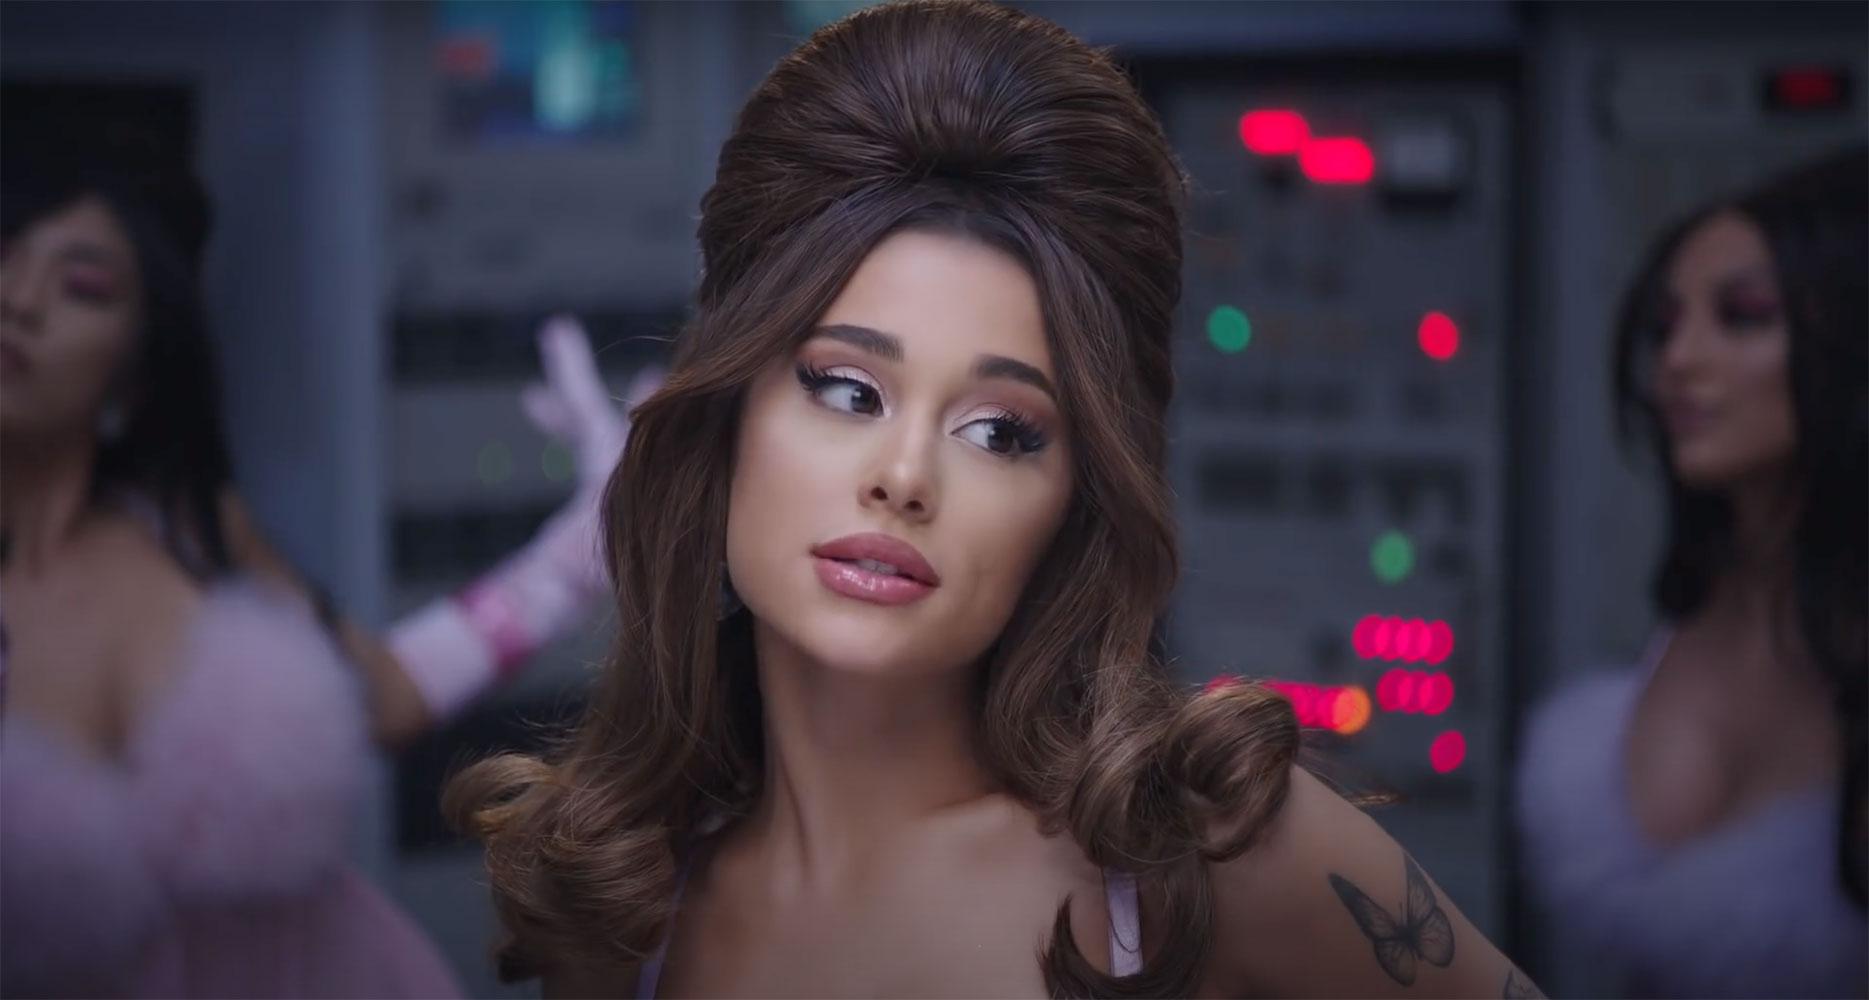 Ariana Grande hóa thân thành nữ robot gợi cảm trong MV 34+35